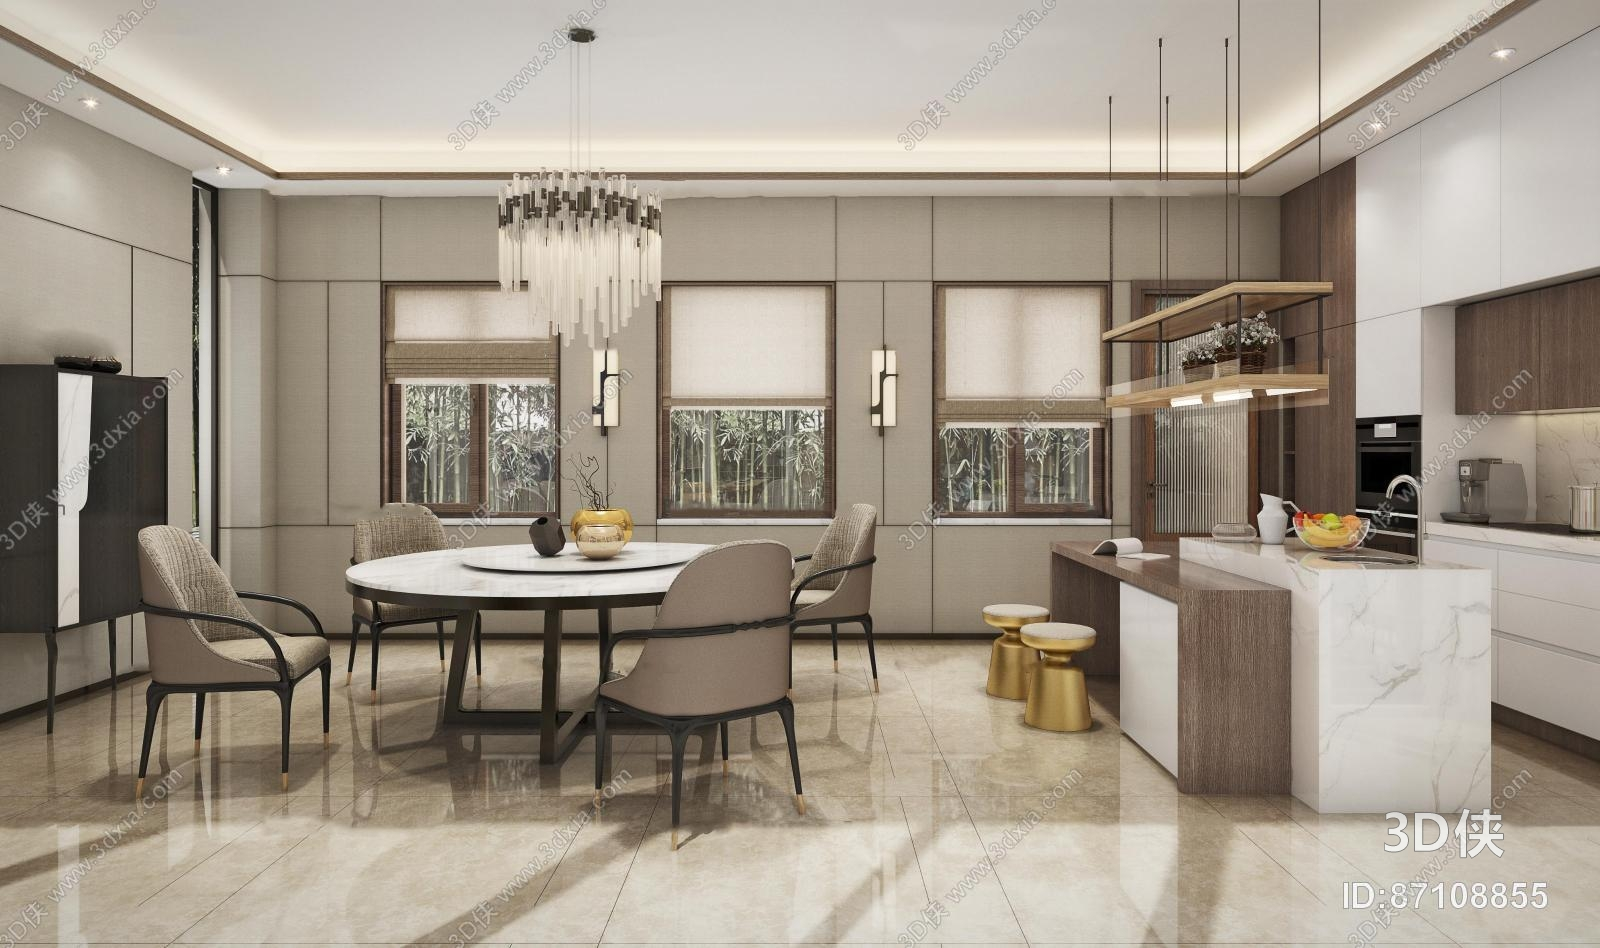 新中式简约餐厅敞开式厨房3D模型